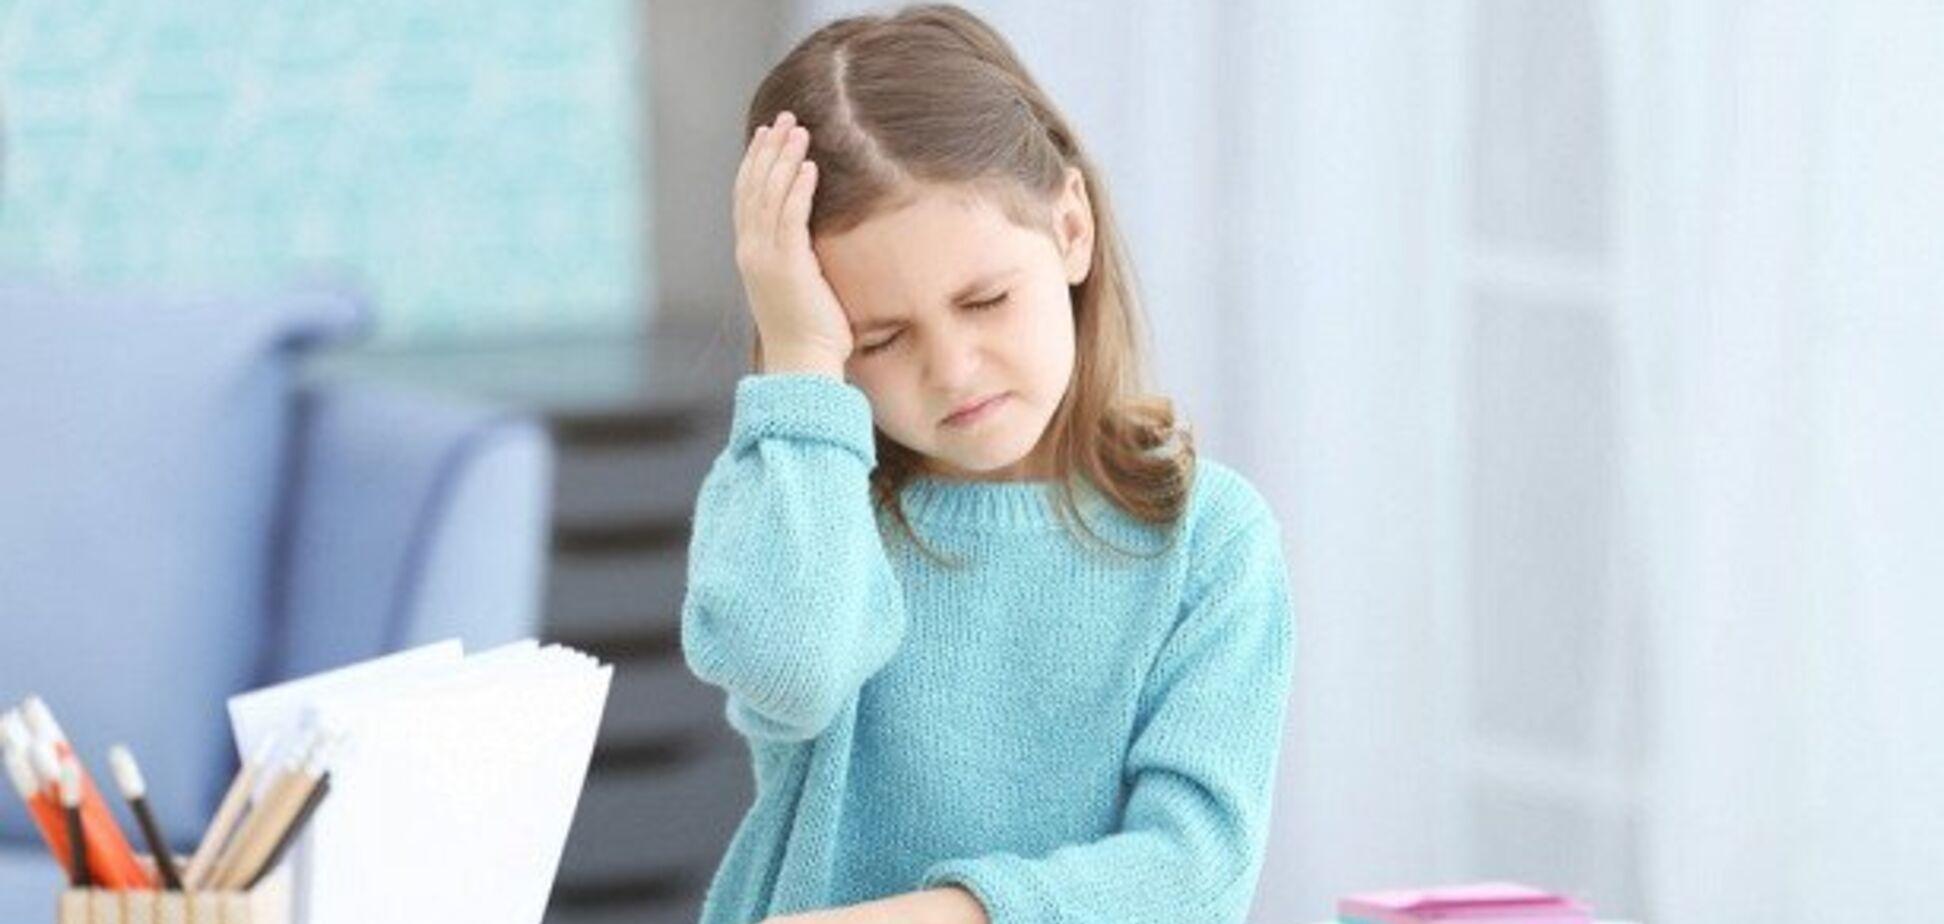 Лечение мигрени у детей и подростков: новые рекомендации